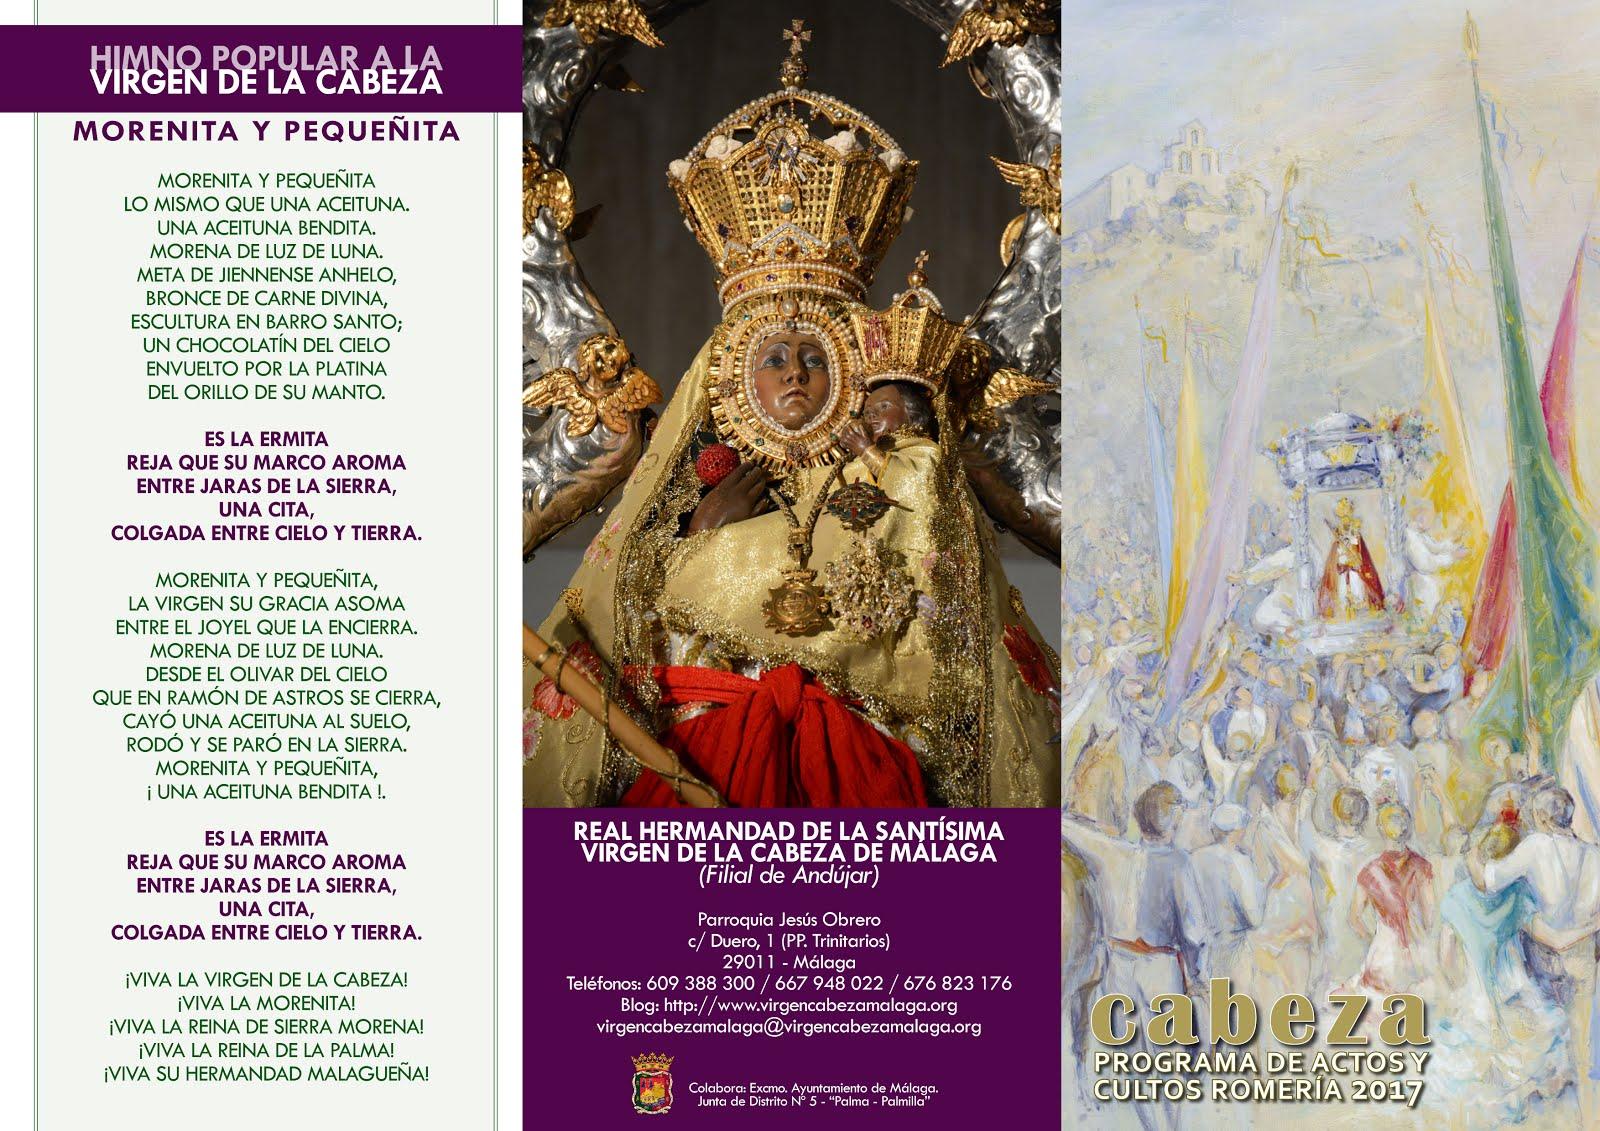 Programa de Actos y Cultos ROMERÍA 2017. Real Hdad. de Málaga.